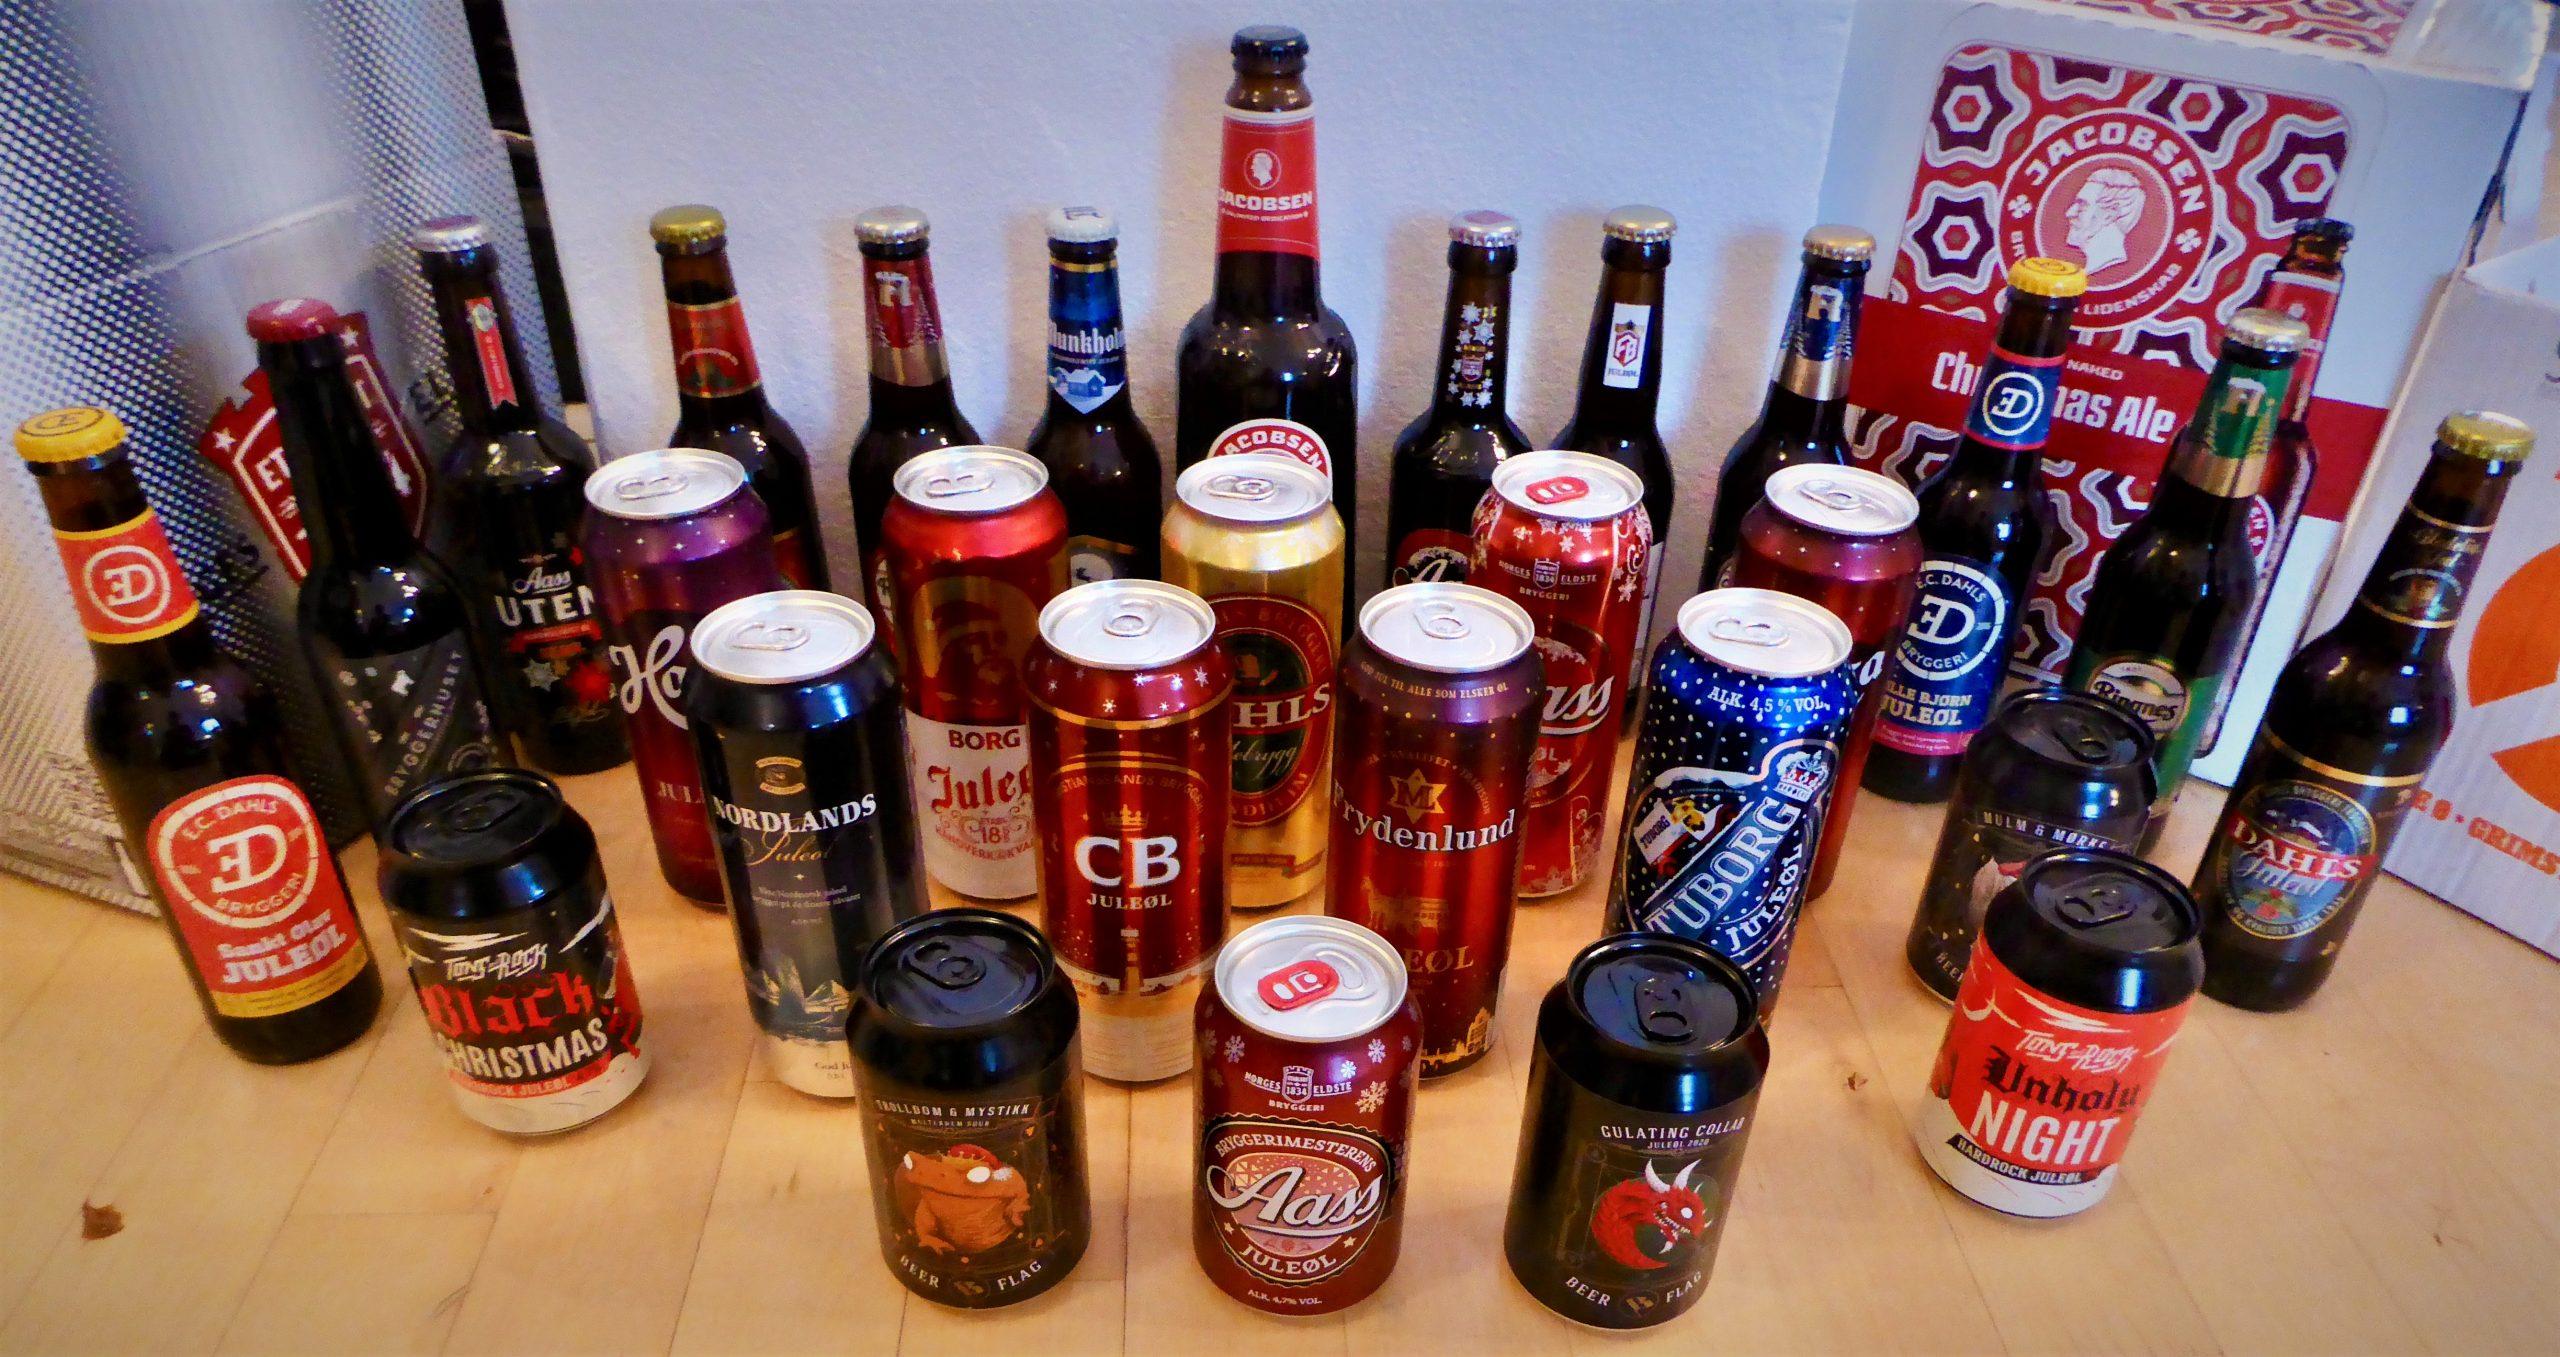 Fra juletest til julefest – Bulle har prøvesmakt 28 slag øl til jul